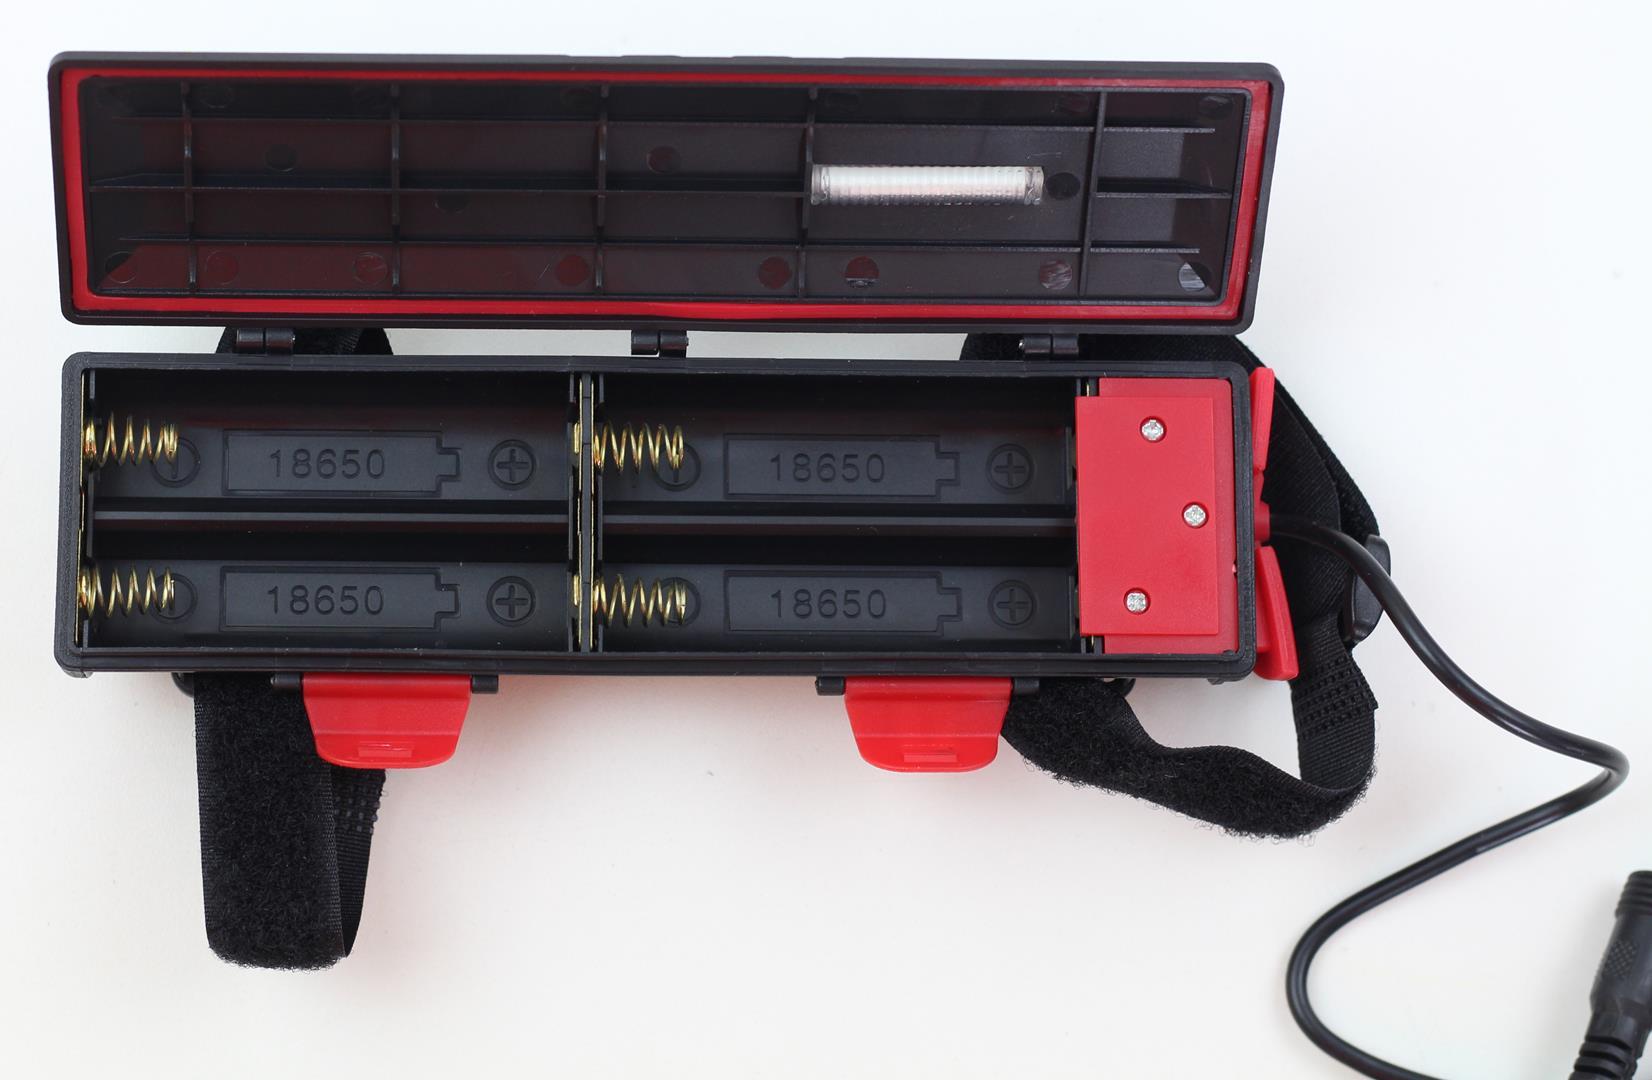 Farol para Bicicletas com Super Led Cree T6 Bateria Recarregável de 4 células com Carregador Celular